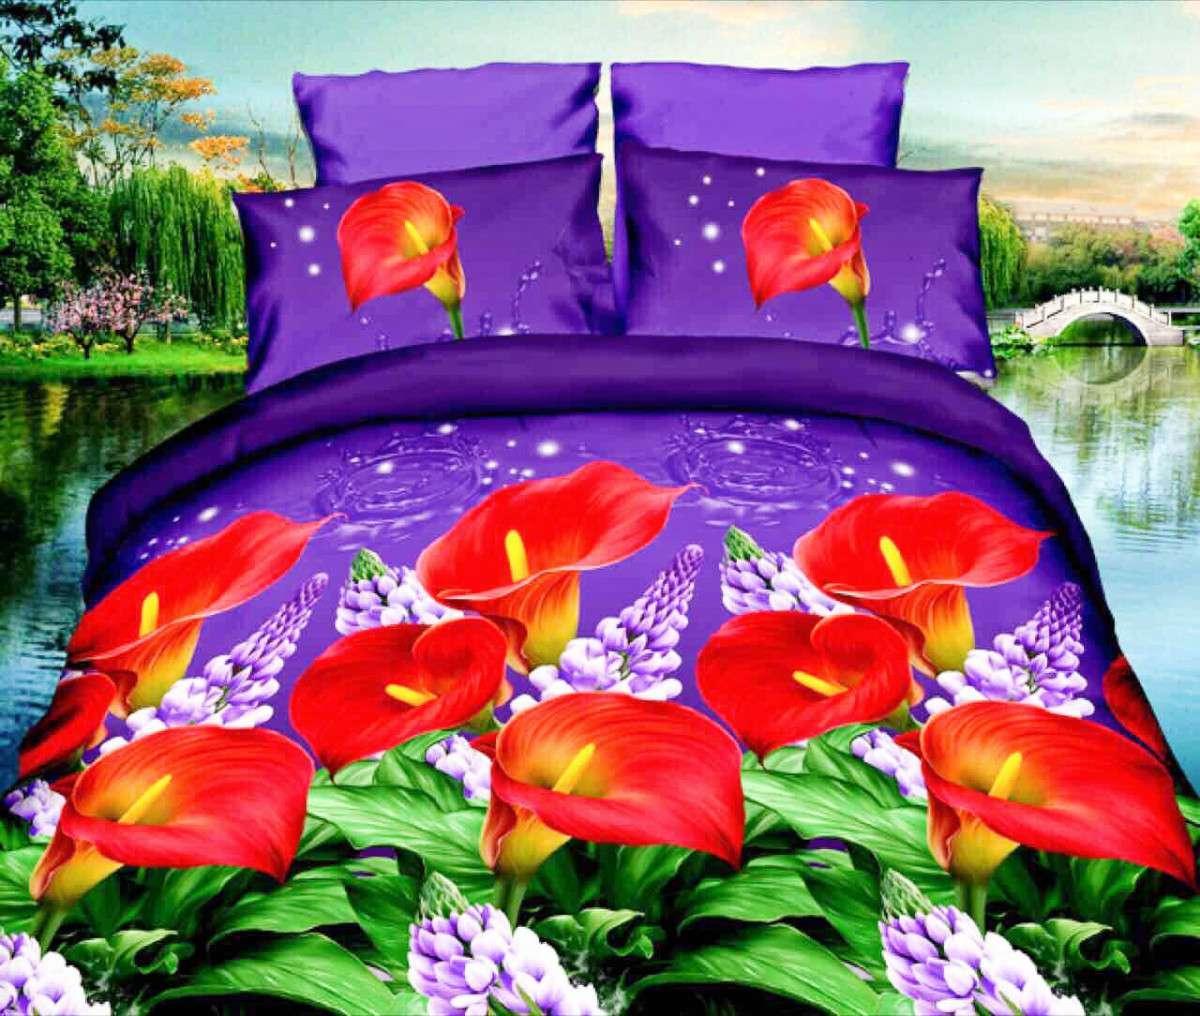 Комплект постельного белья от украинского производителя Polycotton Двуспальный T-90933